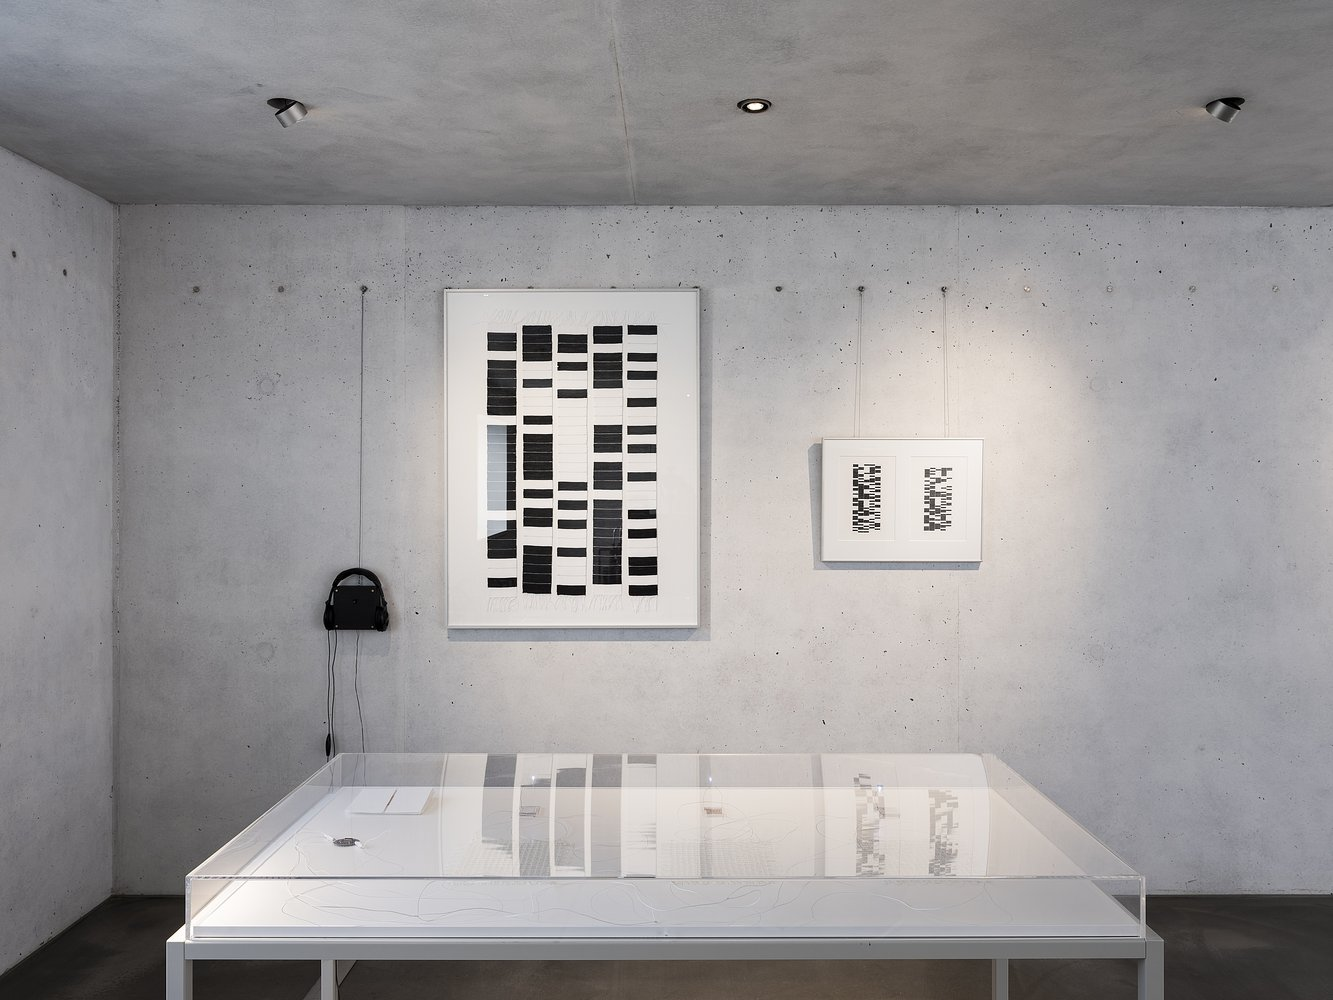 Haus Gropius || Zeitgenössisch : Ausstellungen : Stiftung Bauhaus ...